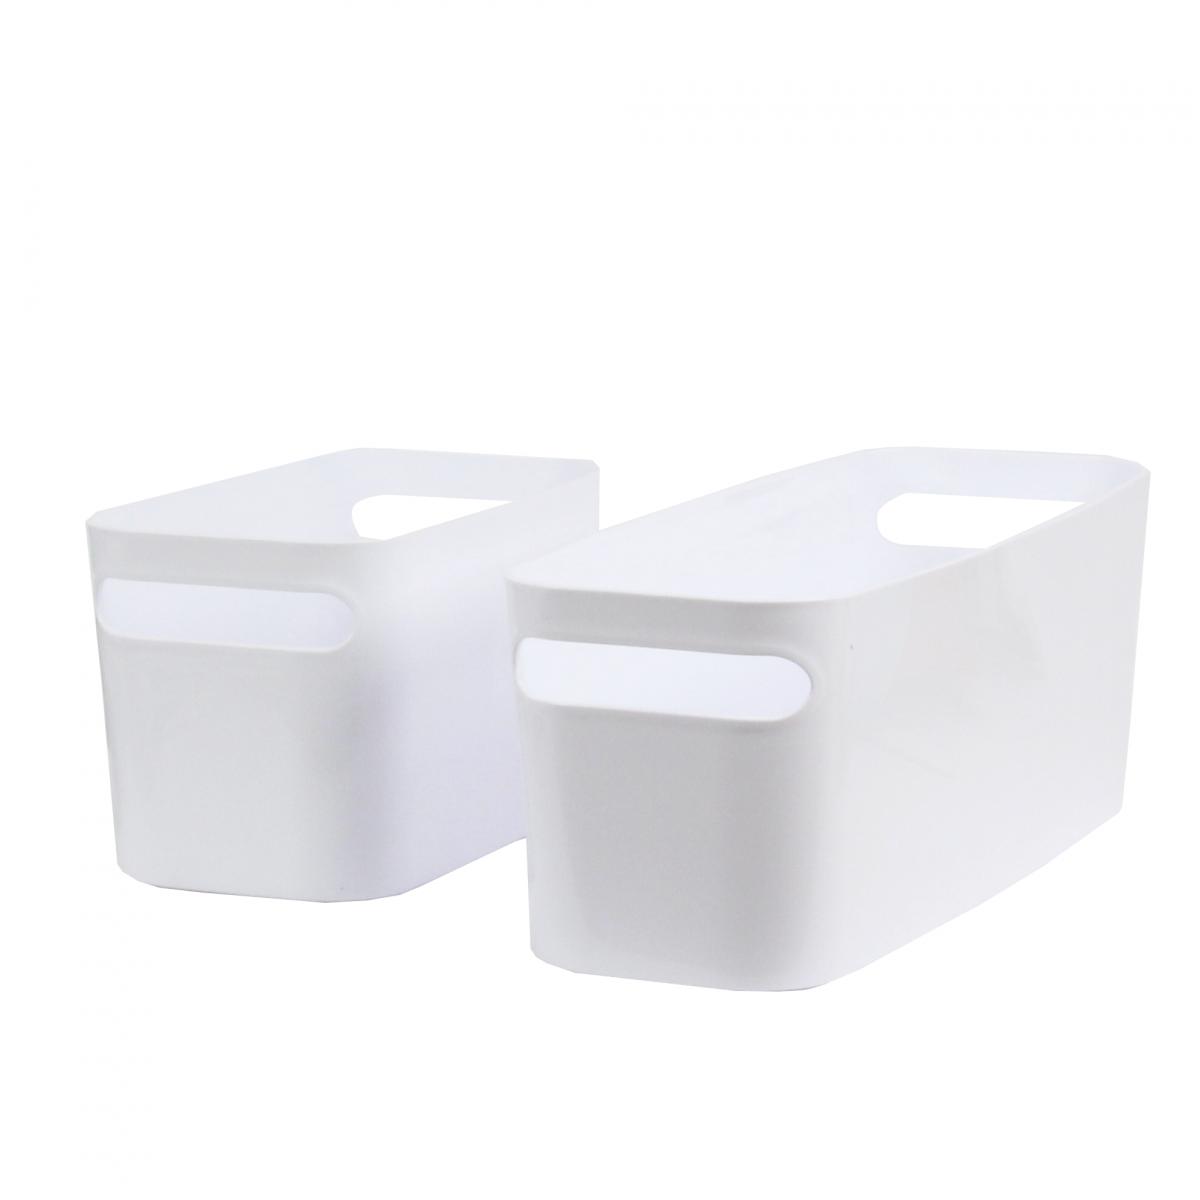 long bac rectangulaire en plastique blanc brillant avec 2 poign es livraison gratuite en point. Black Bedroom Furniture Sets. Home Design Ideas